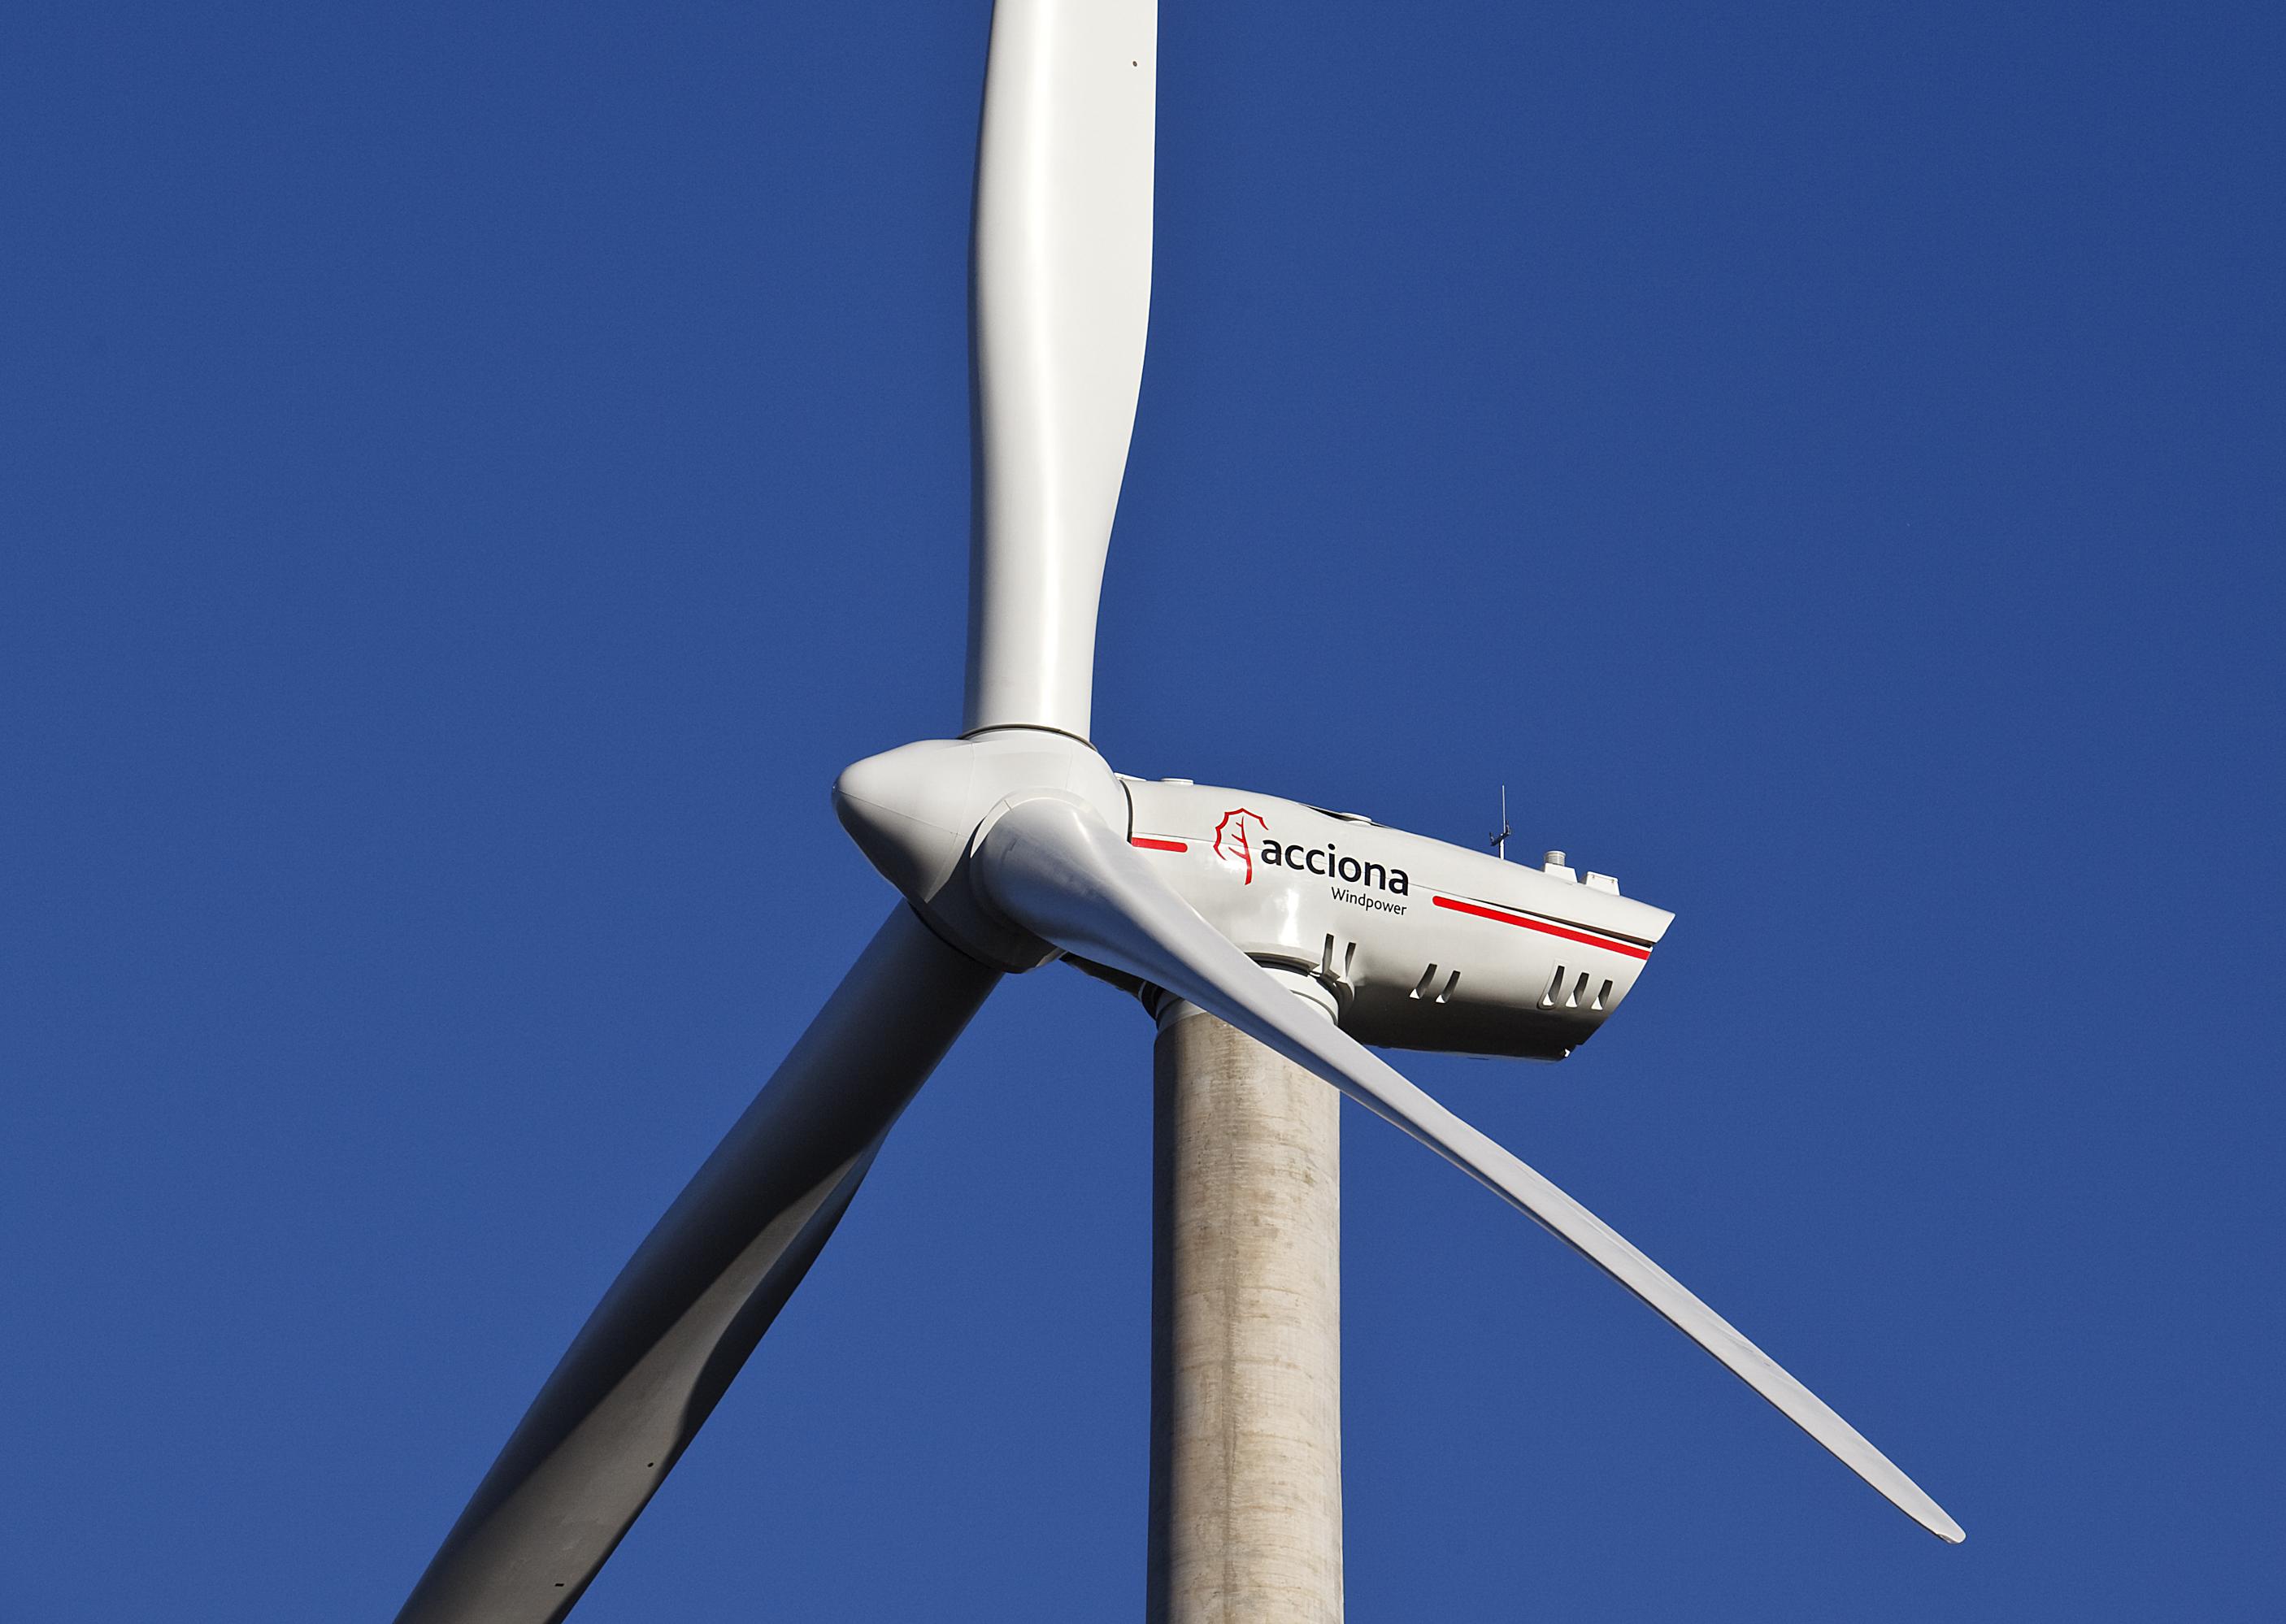 El beneficio de Acciona se reduce  el 40% por la reforma de las energías renovables (eólica, fotovoltaica y termosolar)